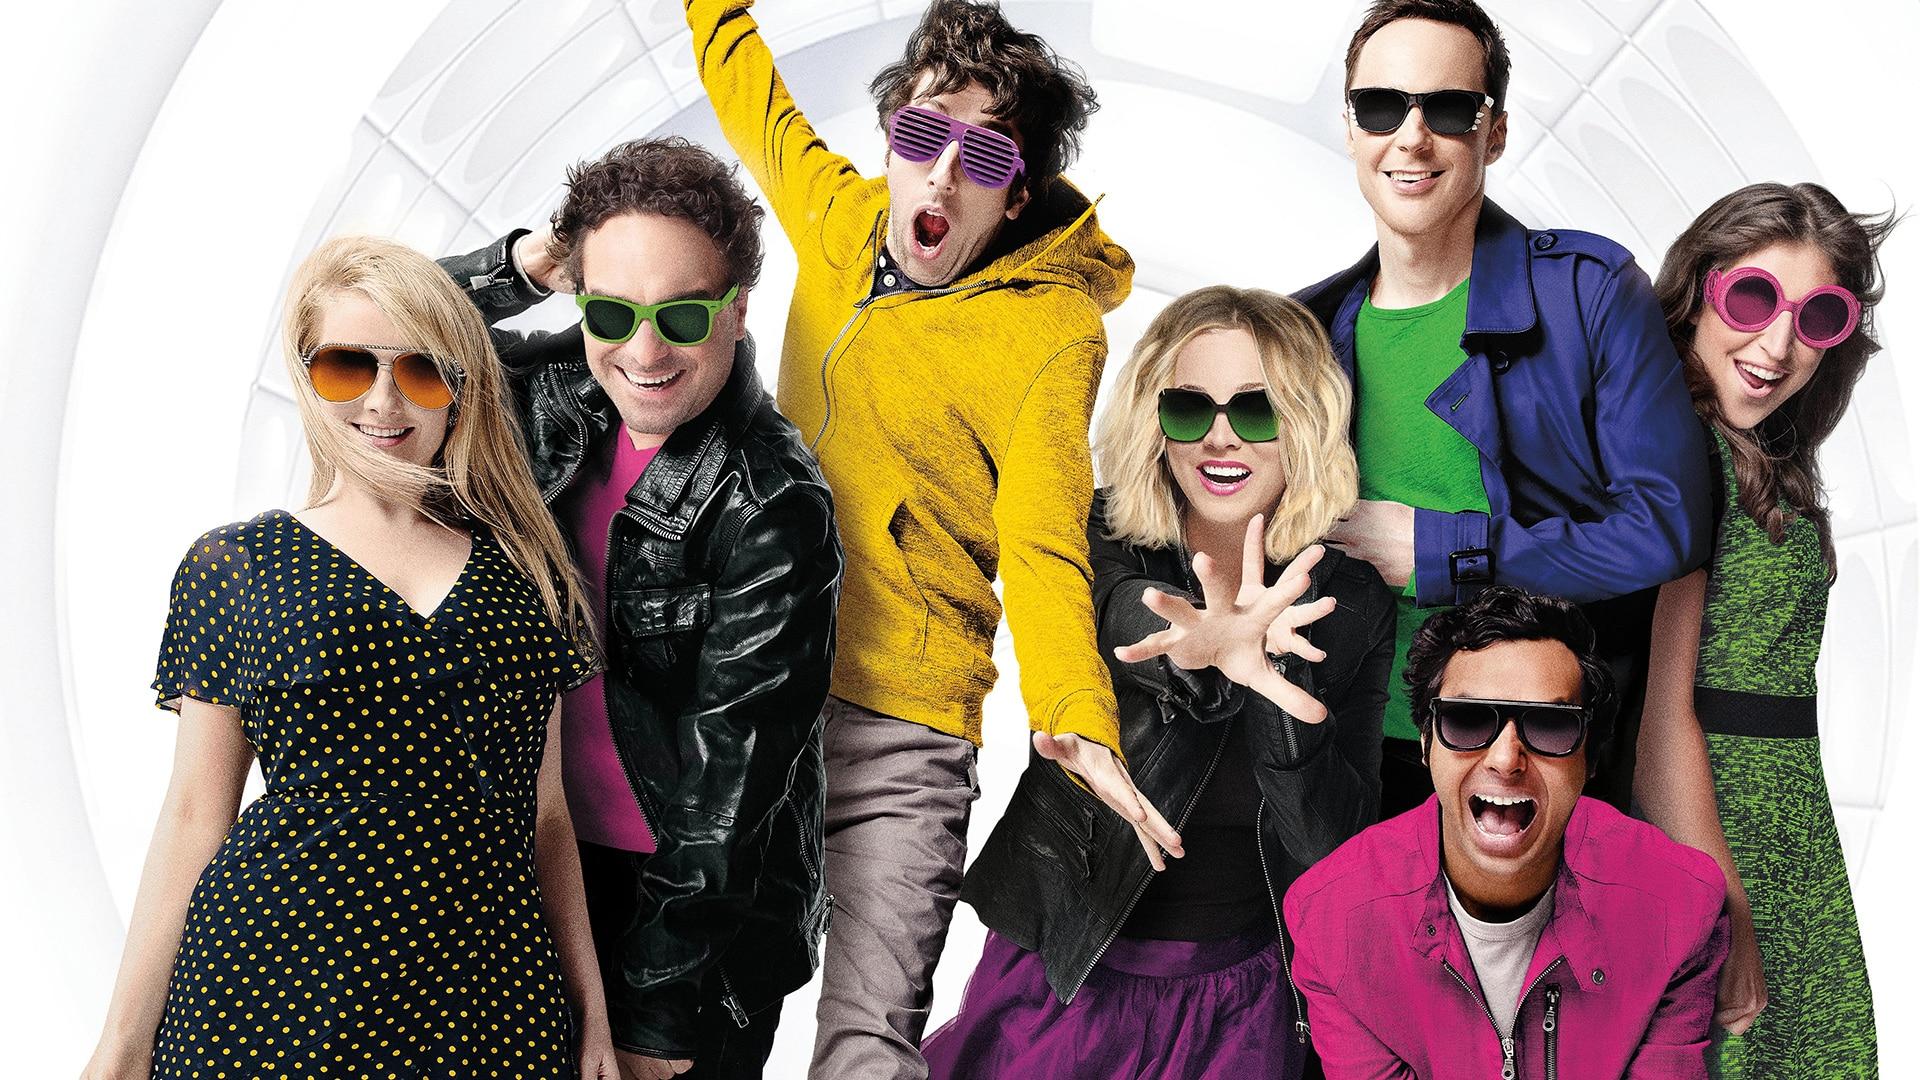 The Big Bang Theory - All 4